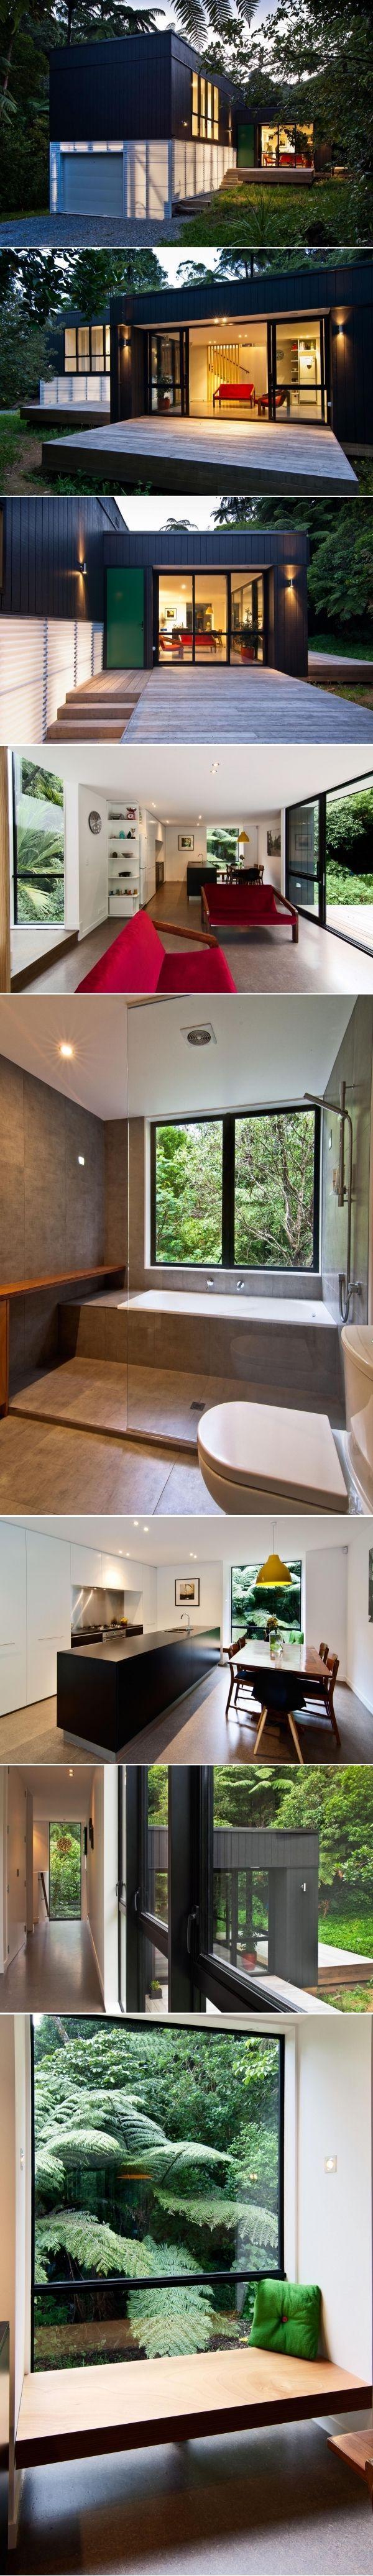 Neueste Wohncontainer Gebraucht Kaufen Design-ideen - Garten-Design ...